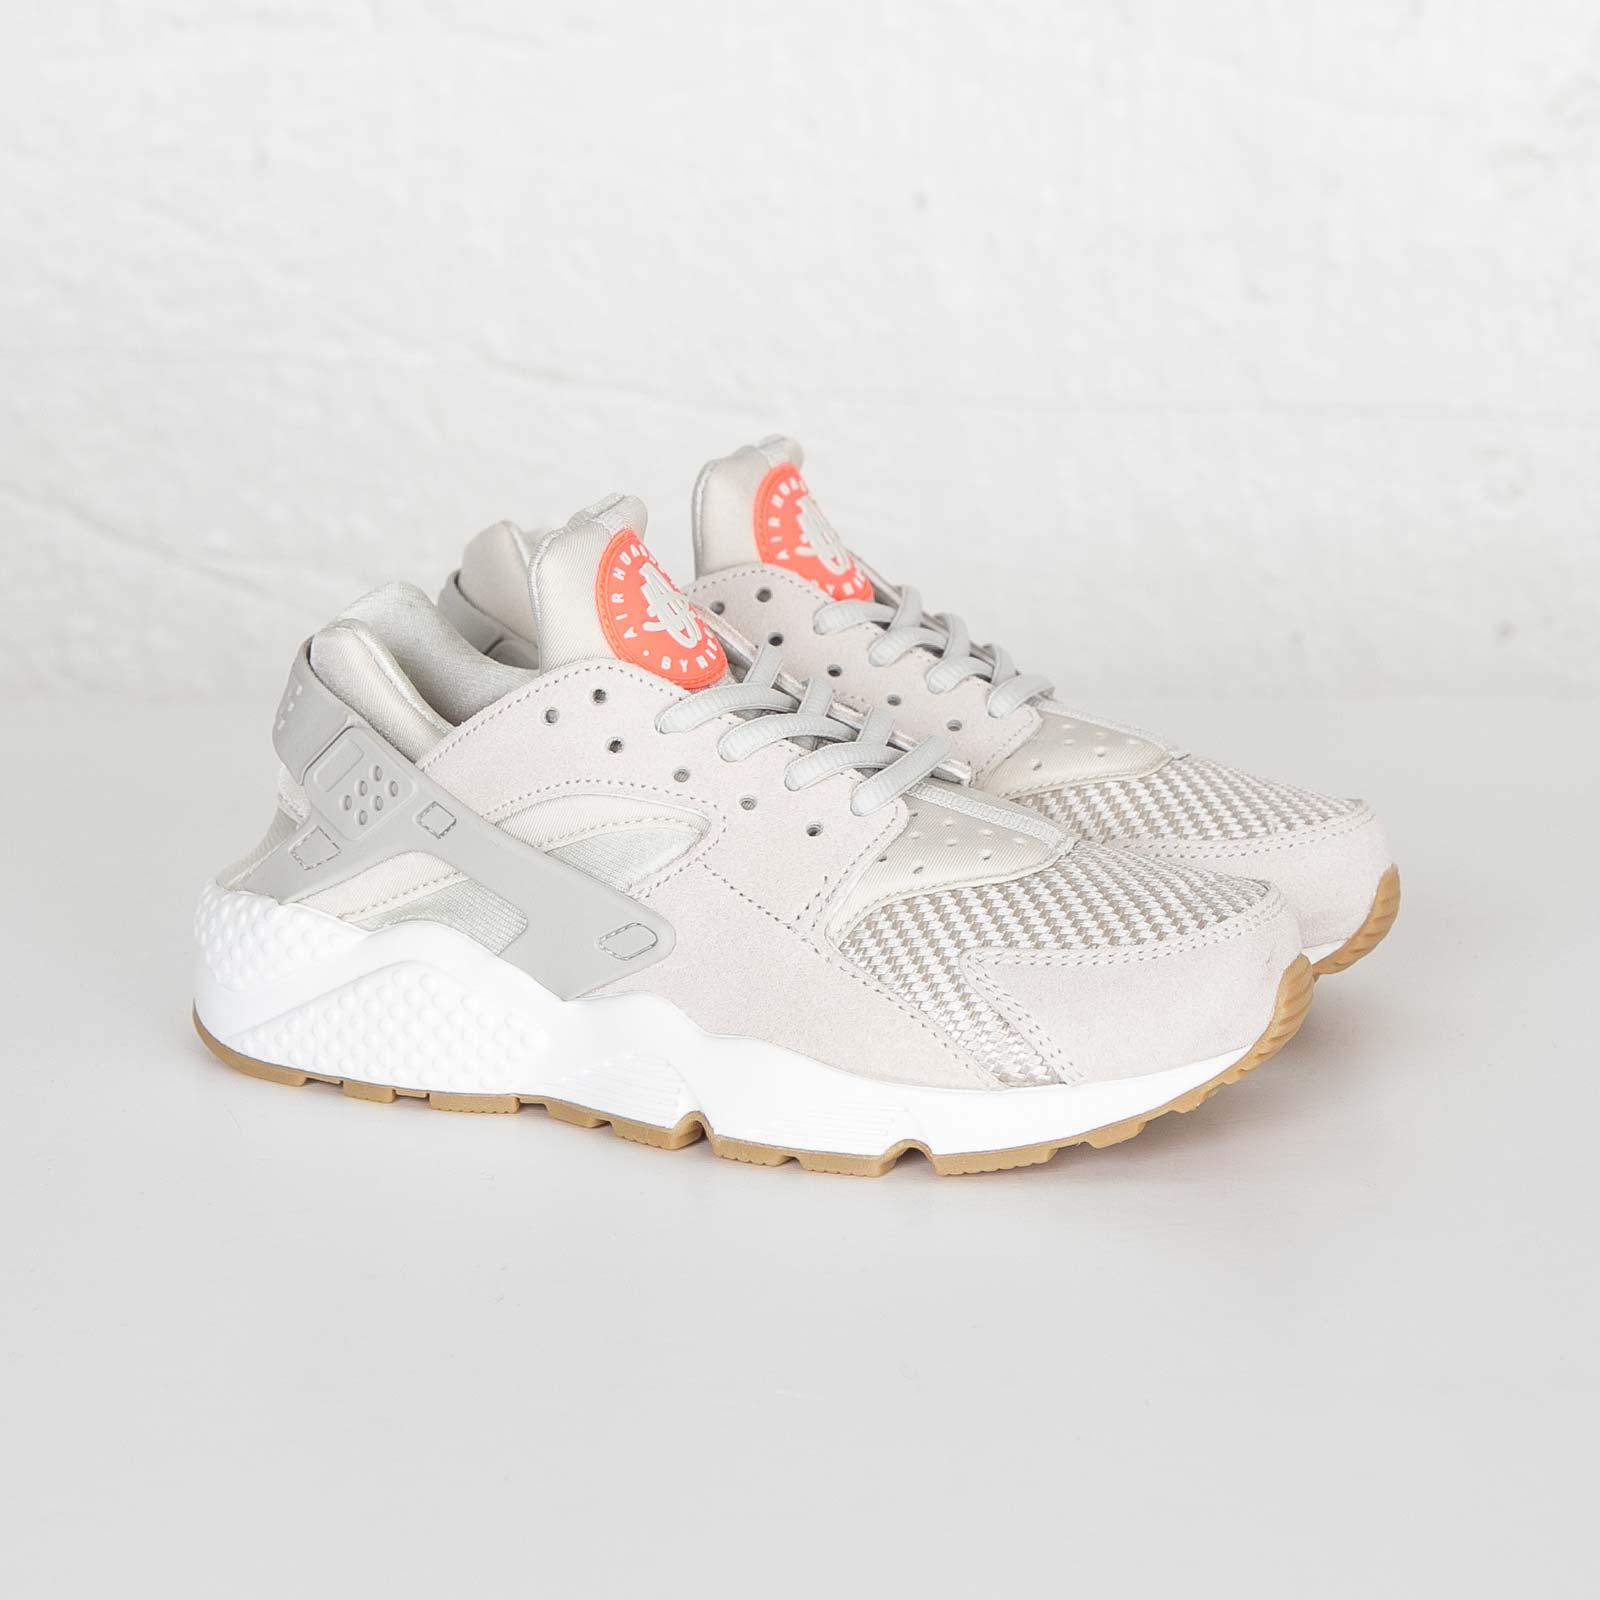 Nike W Air Huarache Run TXT - 818597-001 - Sneakersnstuff  f6eb0b9467